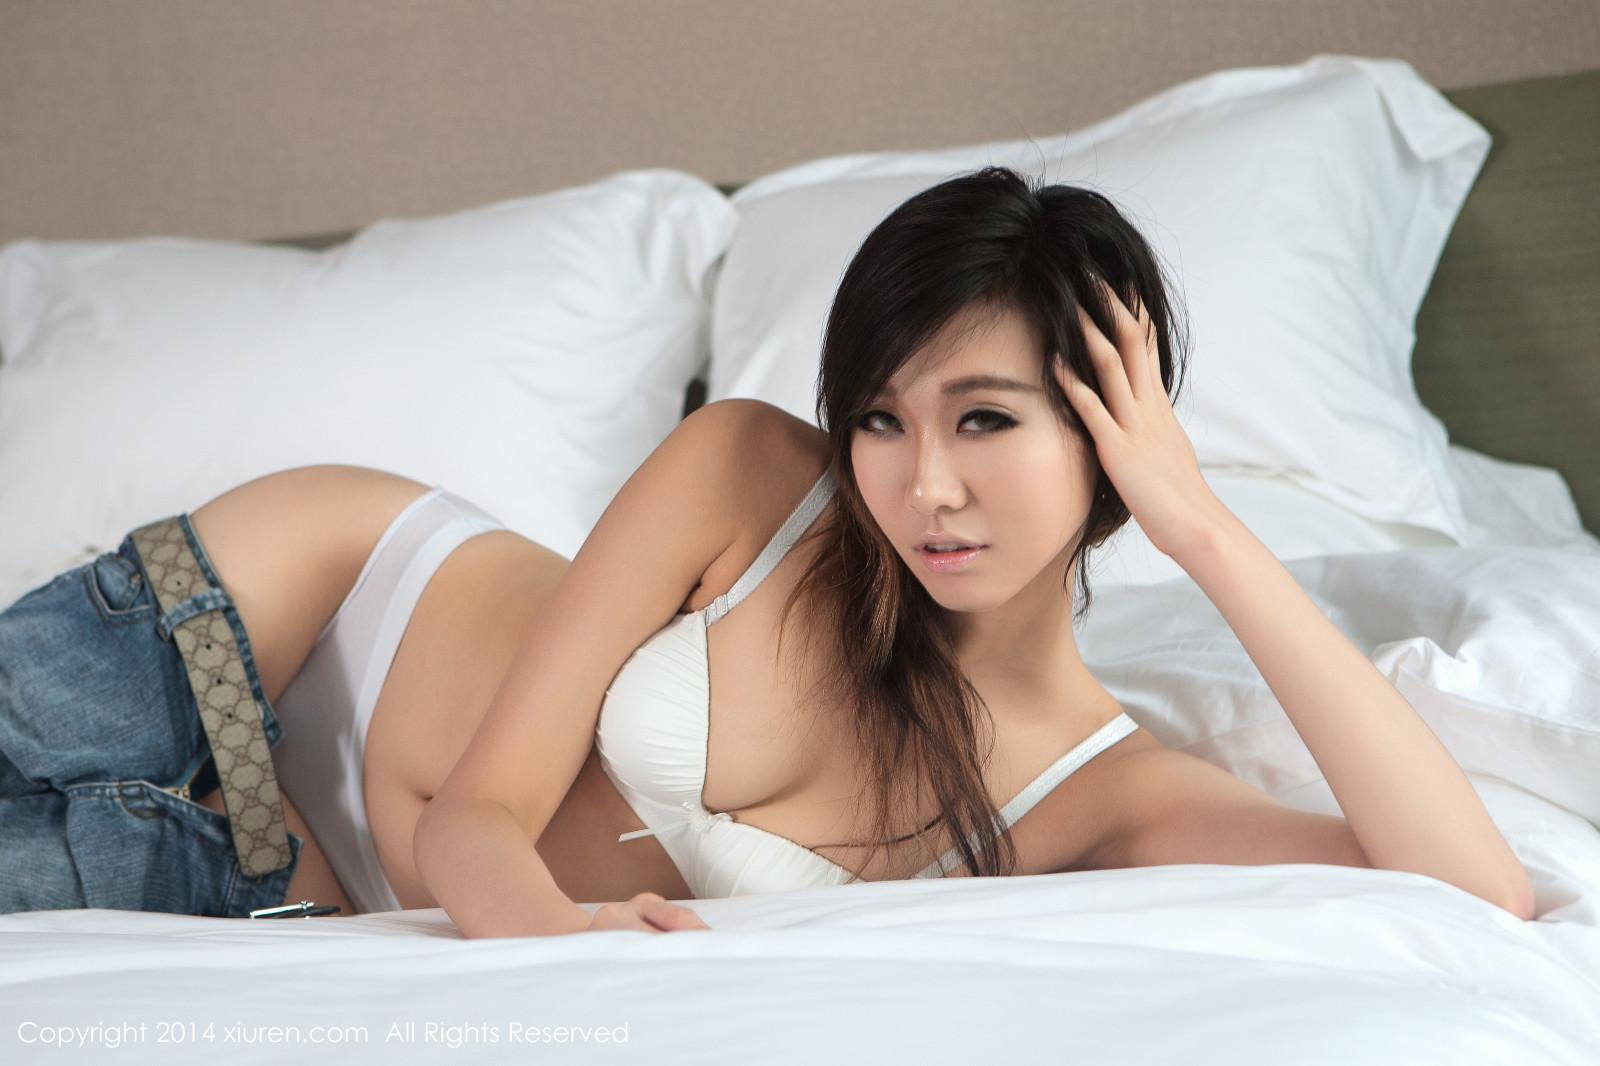 Ебля секс китаянки в постели горячие бисексуалы